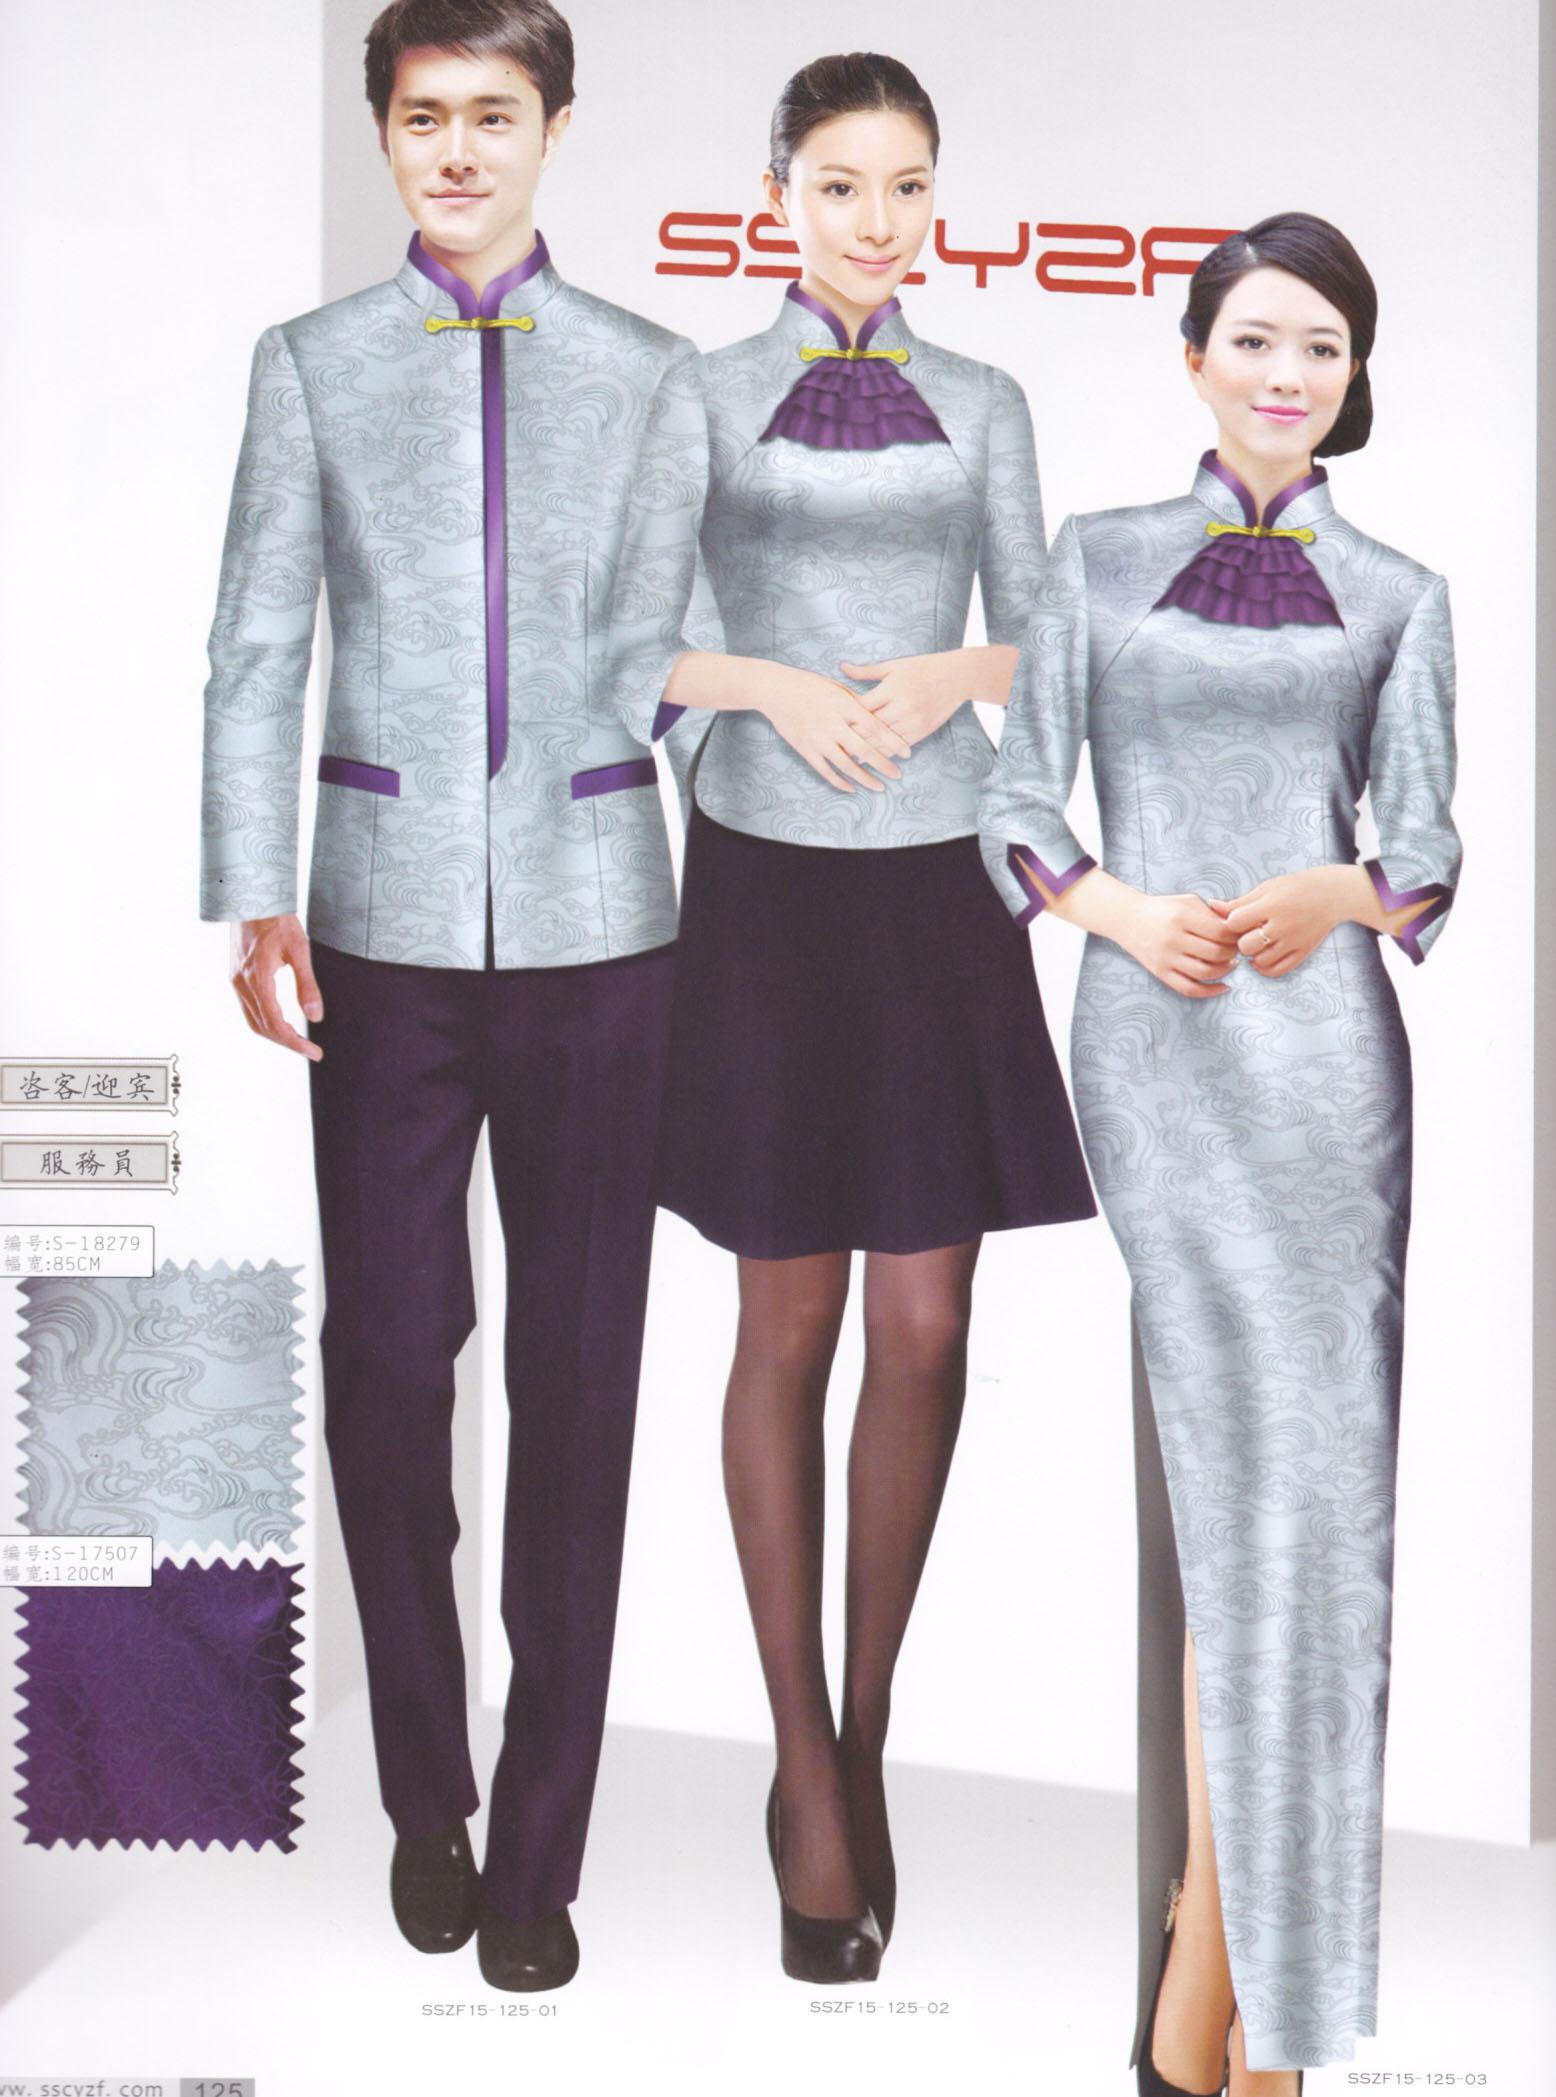 酒店工作服款式的设计也越来越多的出现中式风格.